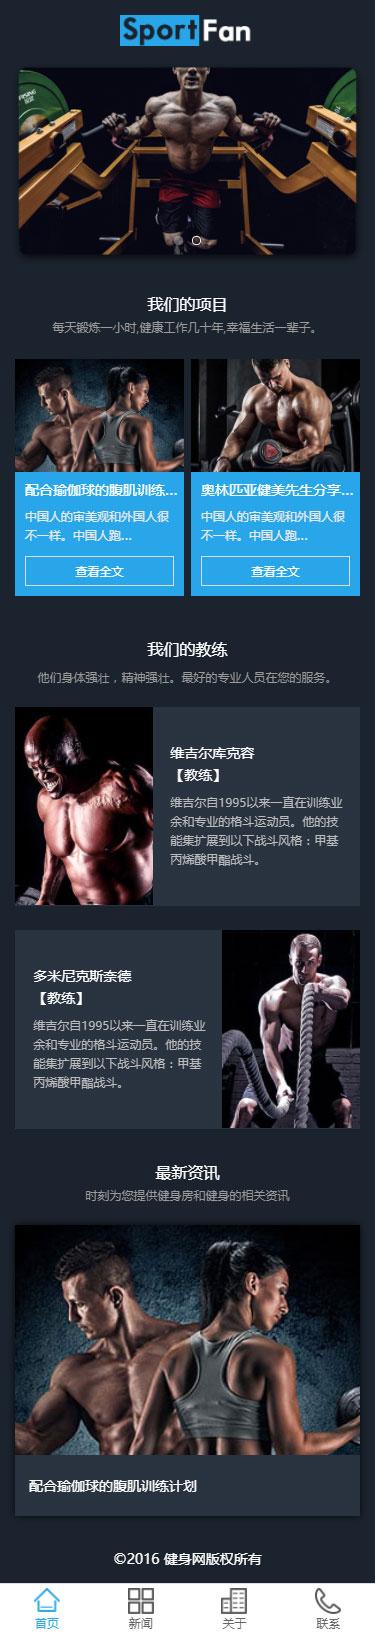 SportFan健身展示模板